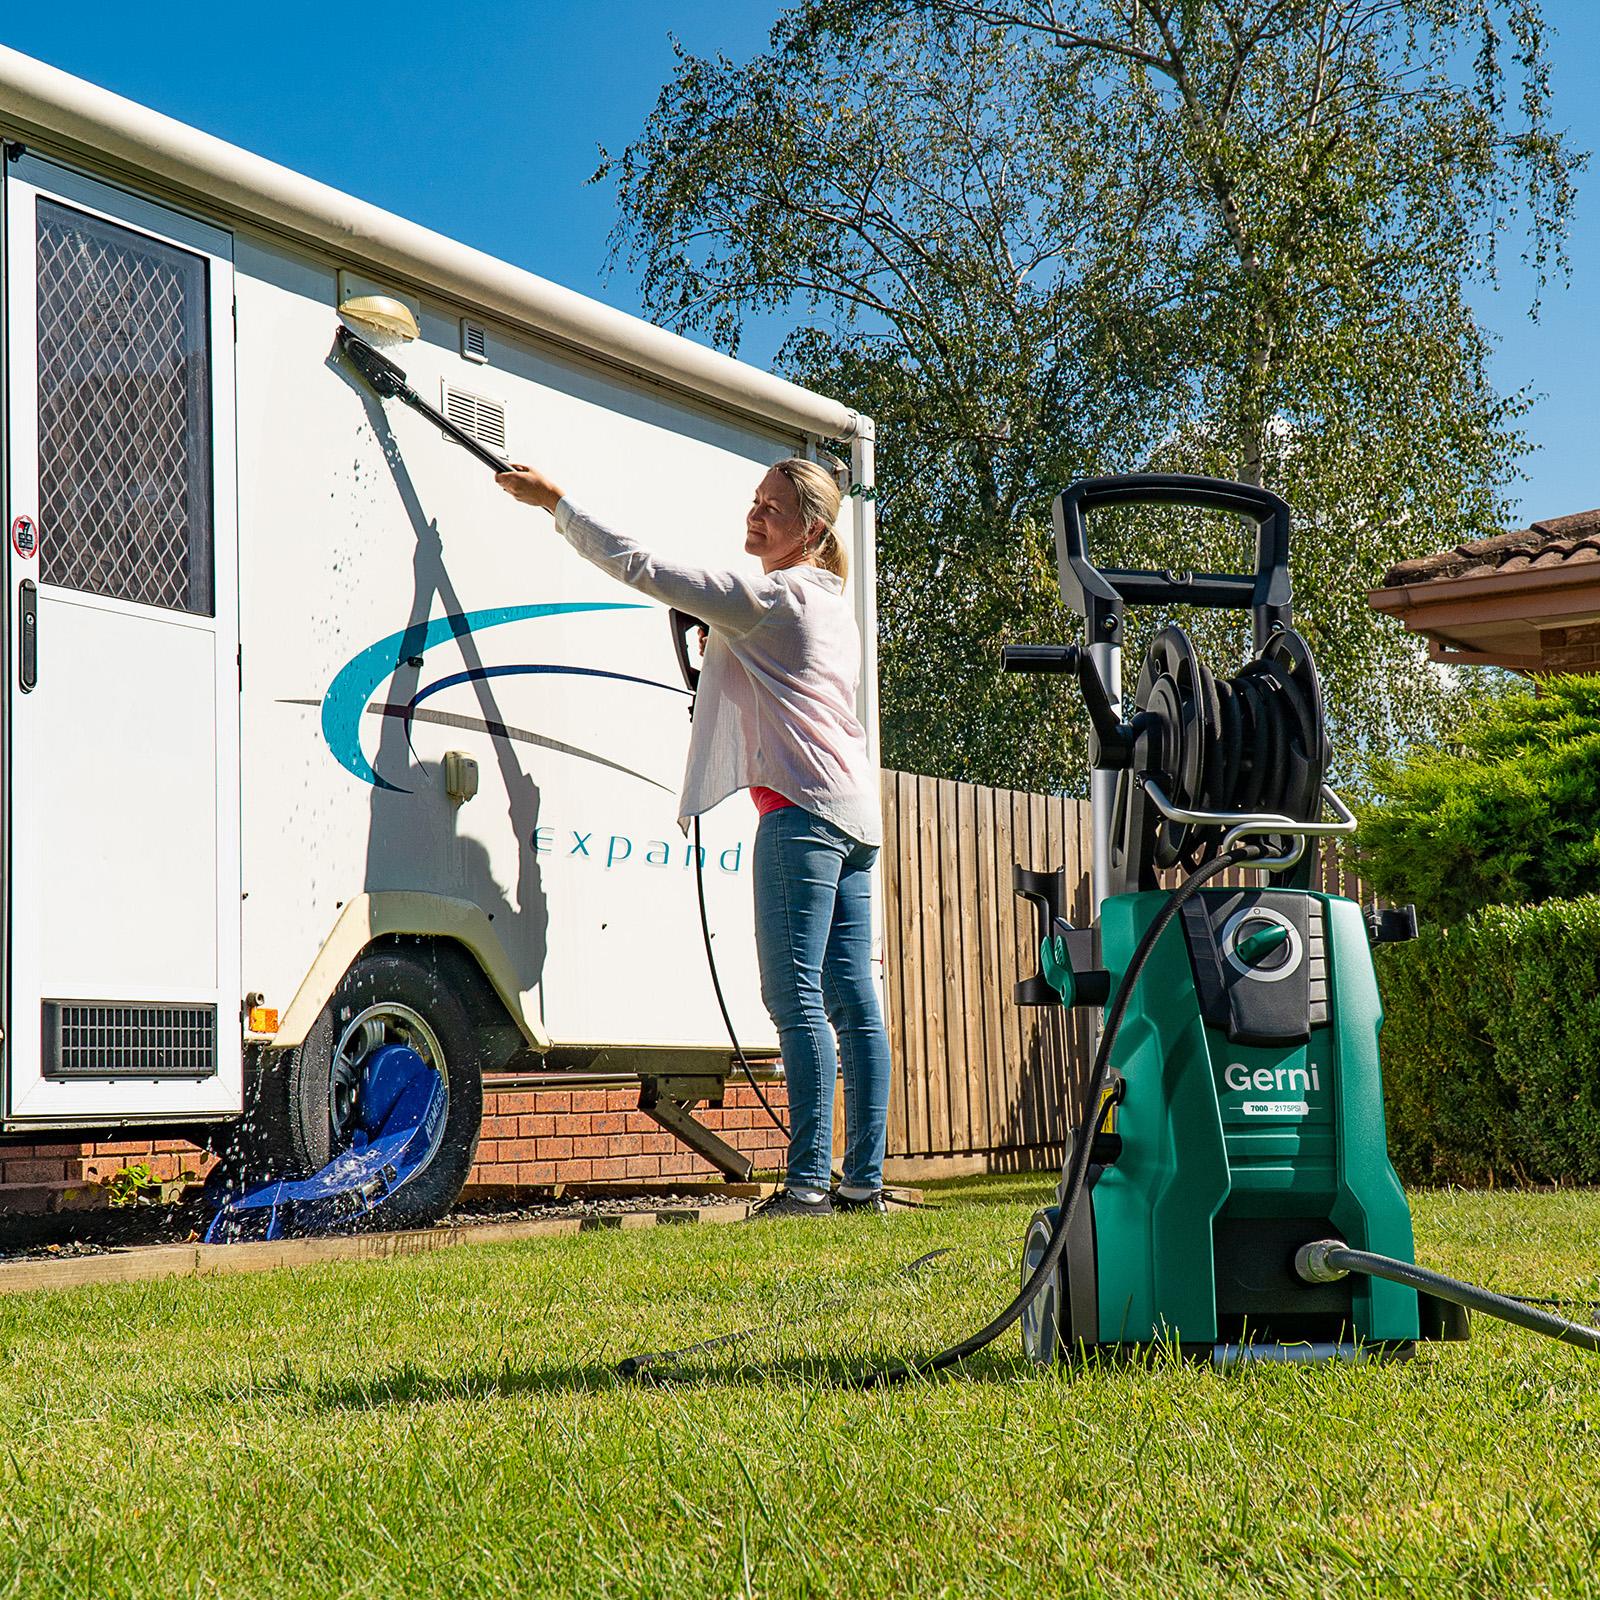 Gerni 7000 - Wash Brush - Caravan Clean